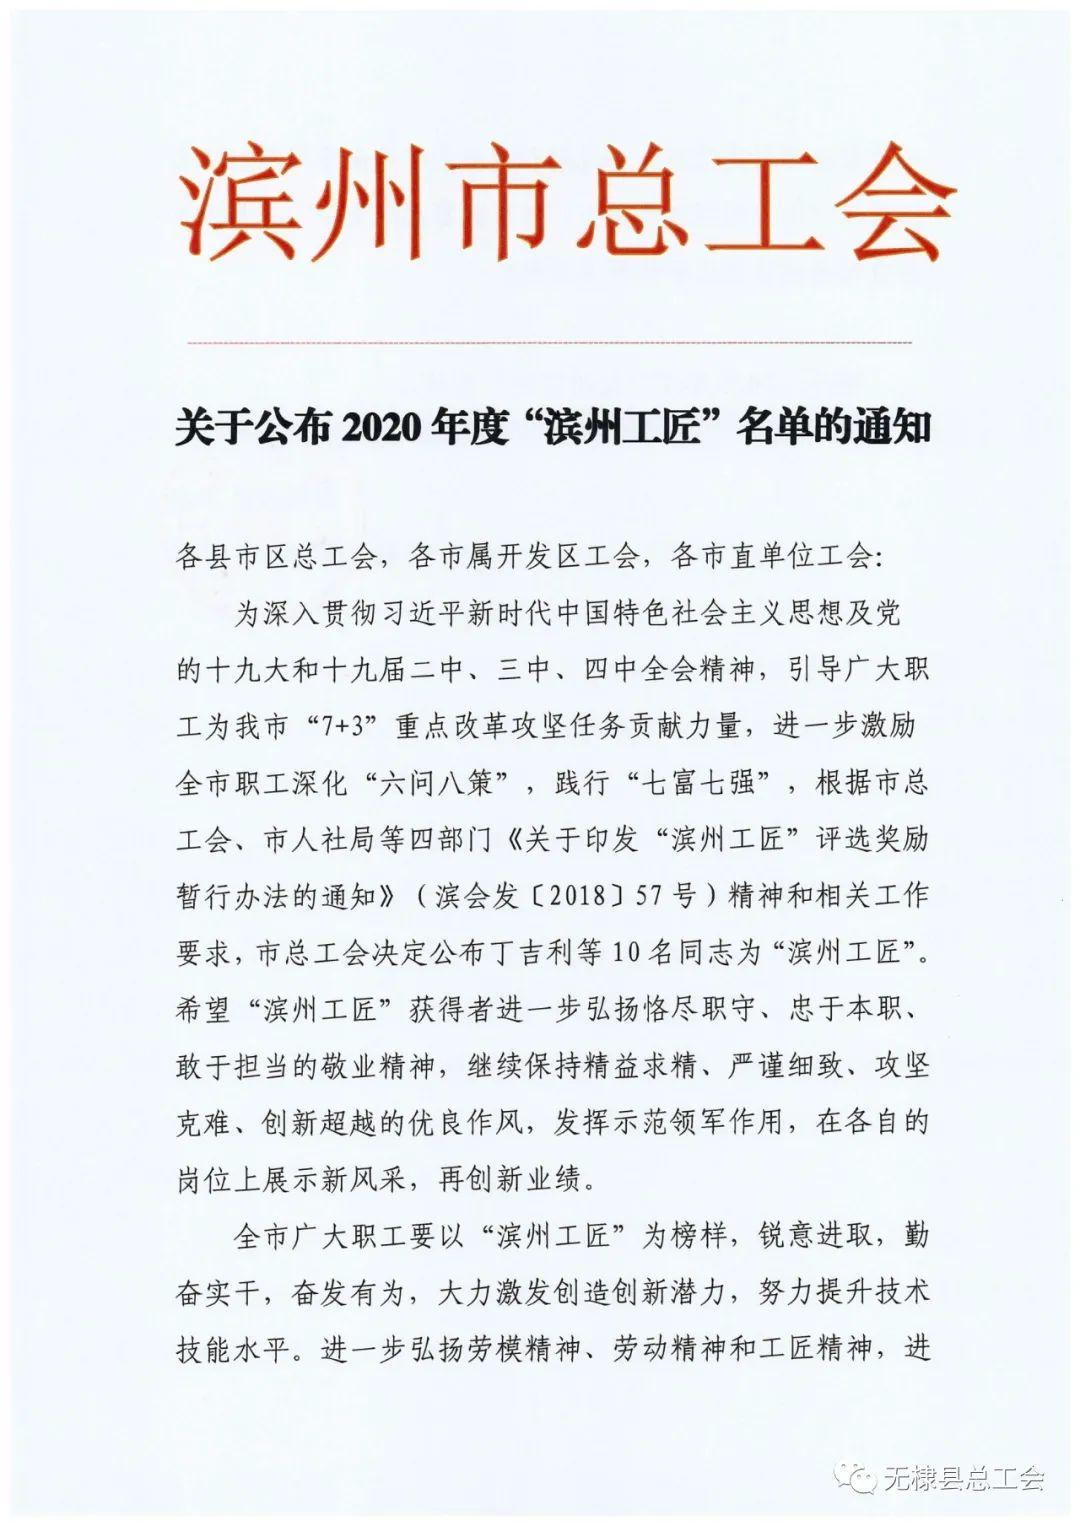 """关于转发《关于命名2020年滨州市""""工人先锋号""""的决定》《关于公布2020年""""滨州工匠""""名单的通知》的通知"""